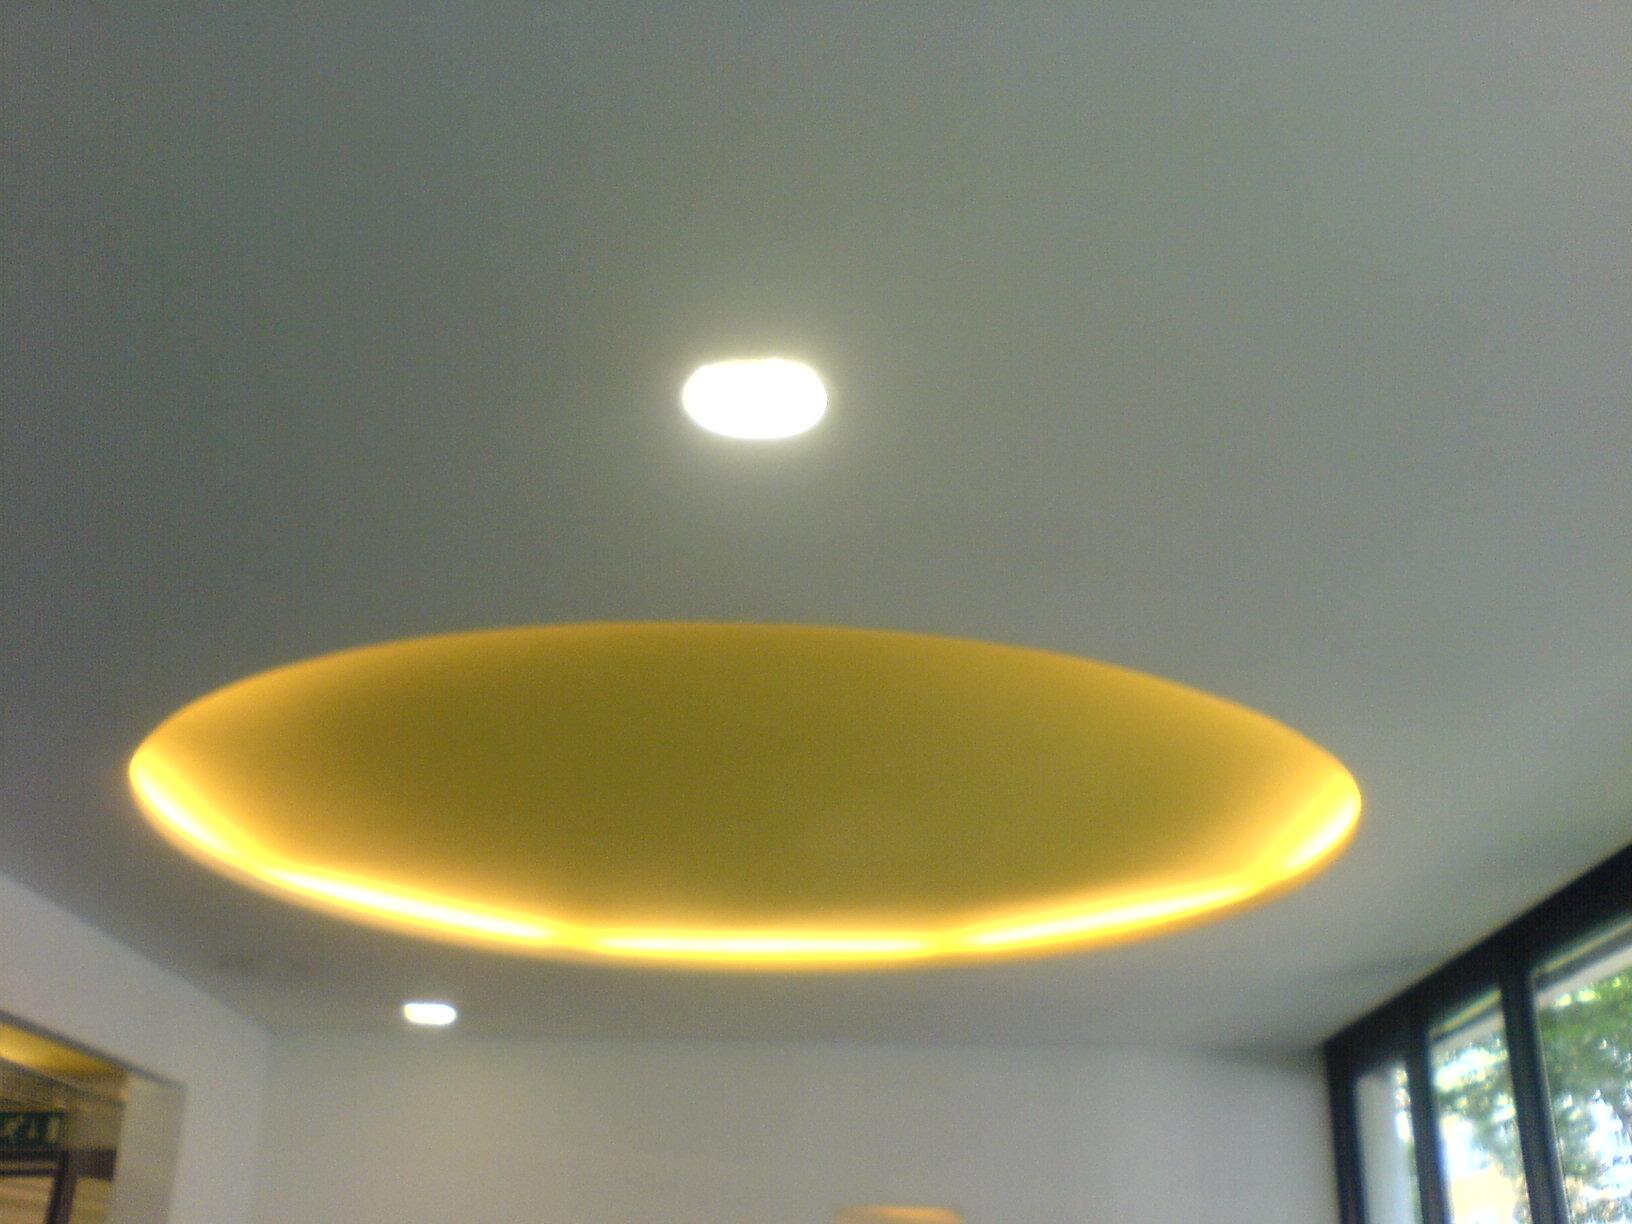 Full Size of Indirekte Beleuchtung Decke Fileindirekte Beleuchtungjpg Wikimedia Led Deckenleuchte Bad Wohnzimmer Tagesdecke Bett Deckenlampe Küche Schlafzimmer Wohnzimmer Indirekte Beleuchtung Decke